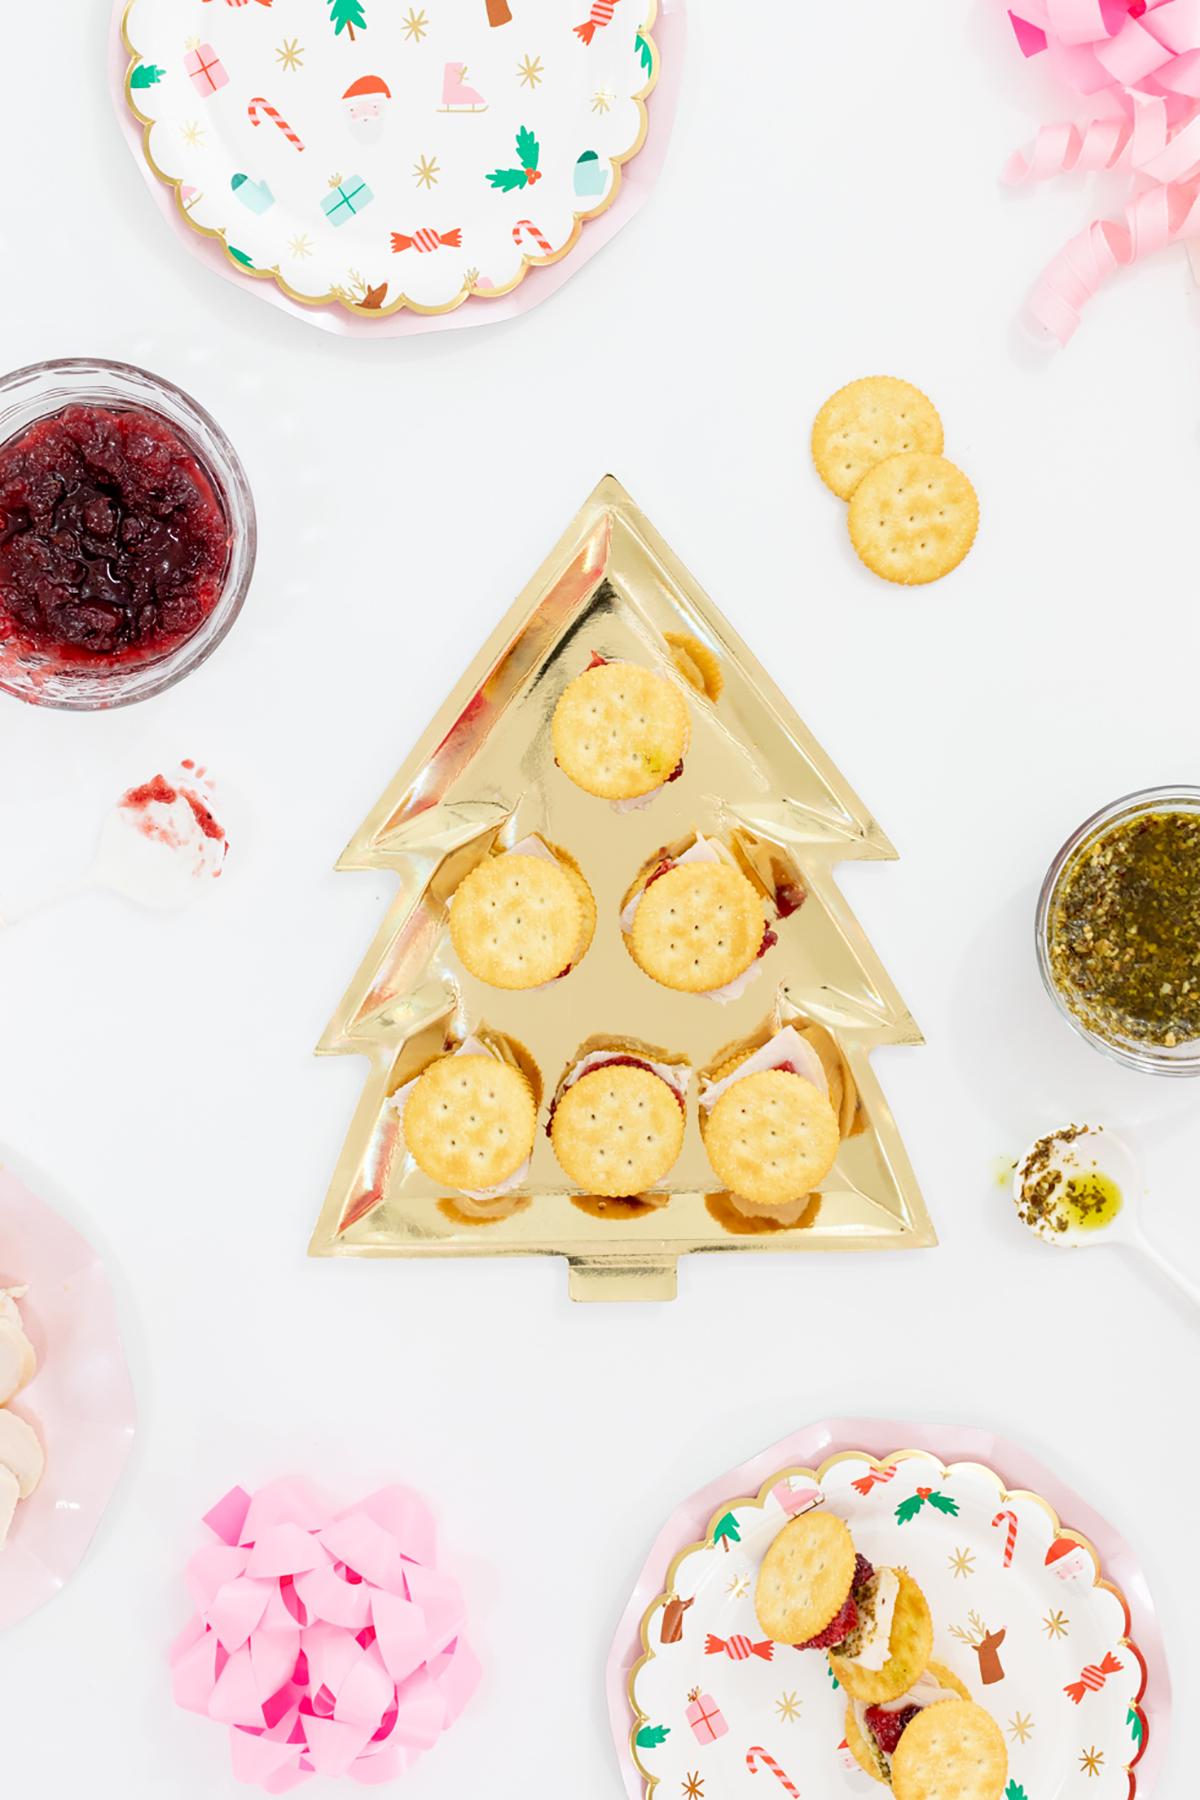 Cracker Sandwich Appetizer spread